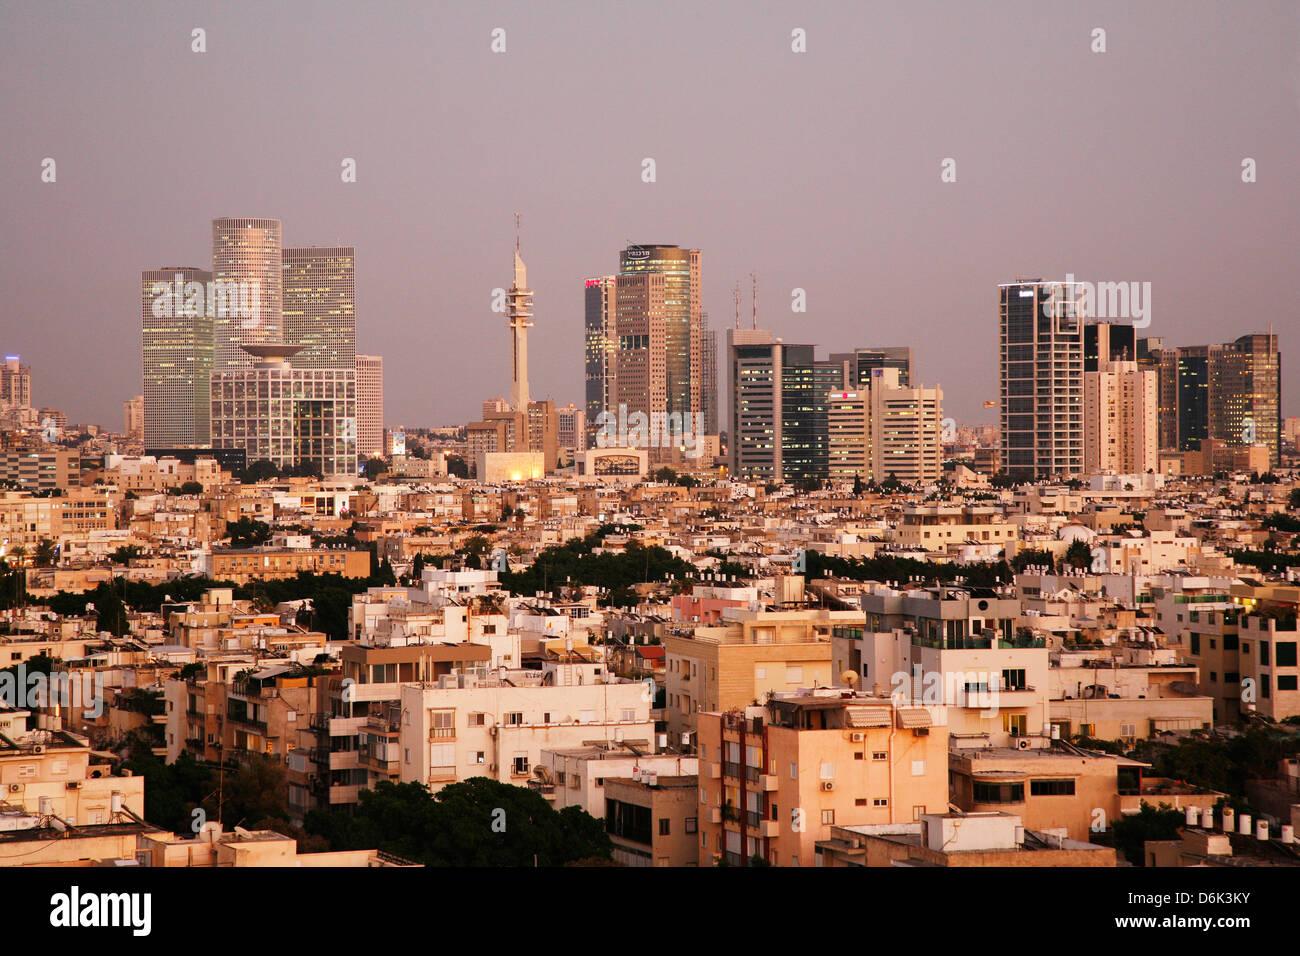 Vistas panorámicas de la ciudad de Tel Aviv, Israel, Oriente Medio Imagen De Stock